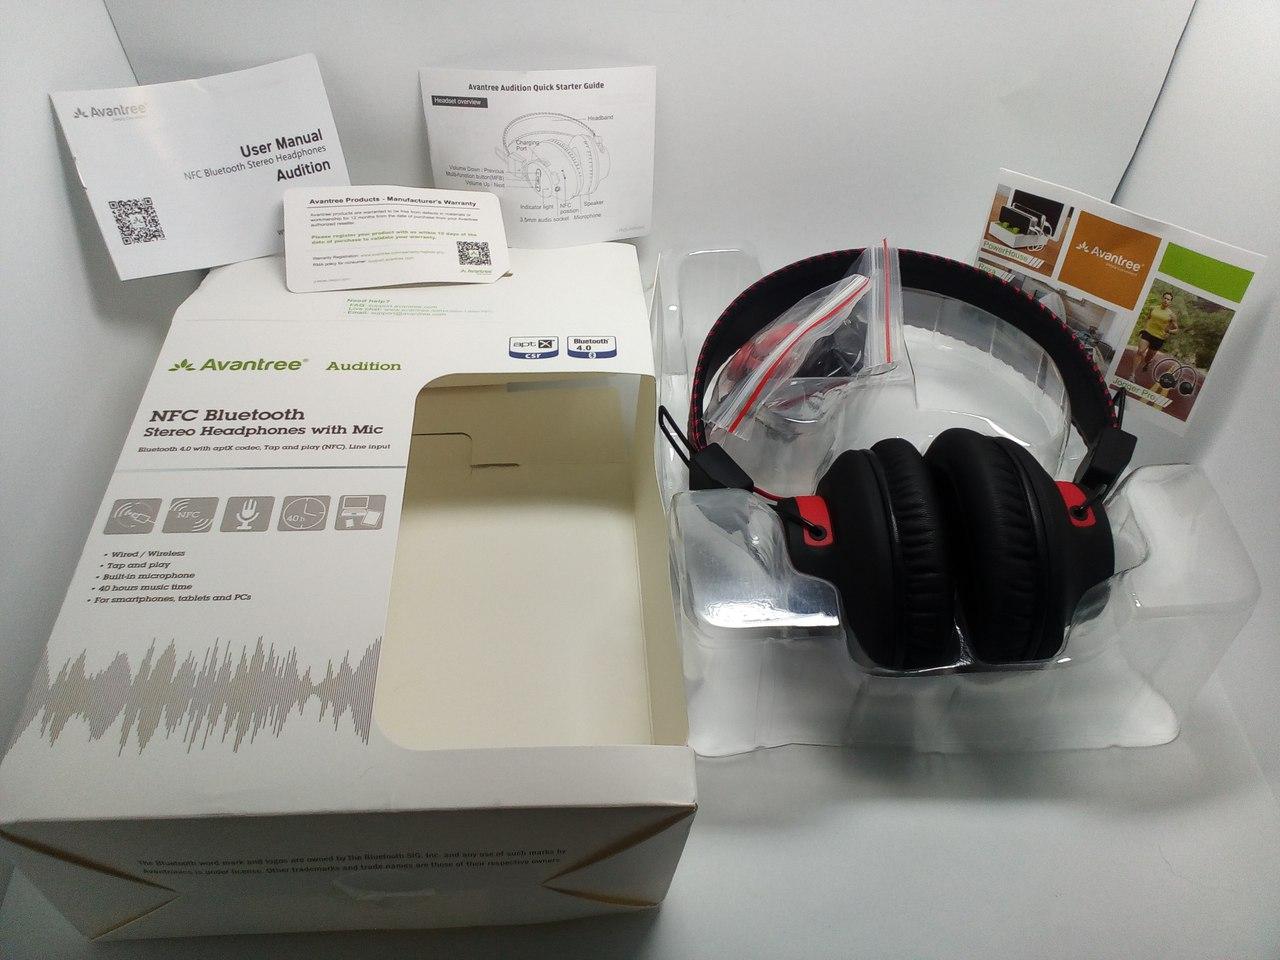 Другие - Китай: Добротная Bluetooth стерео-гарнитура Avantree Audition